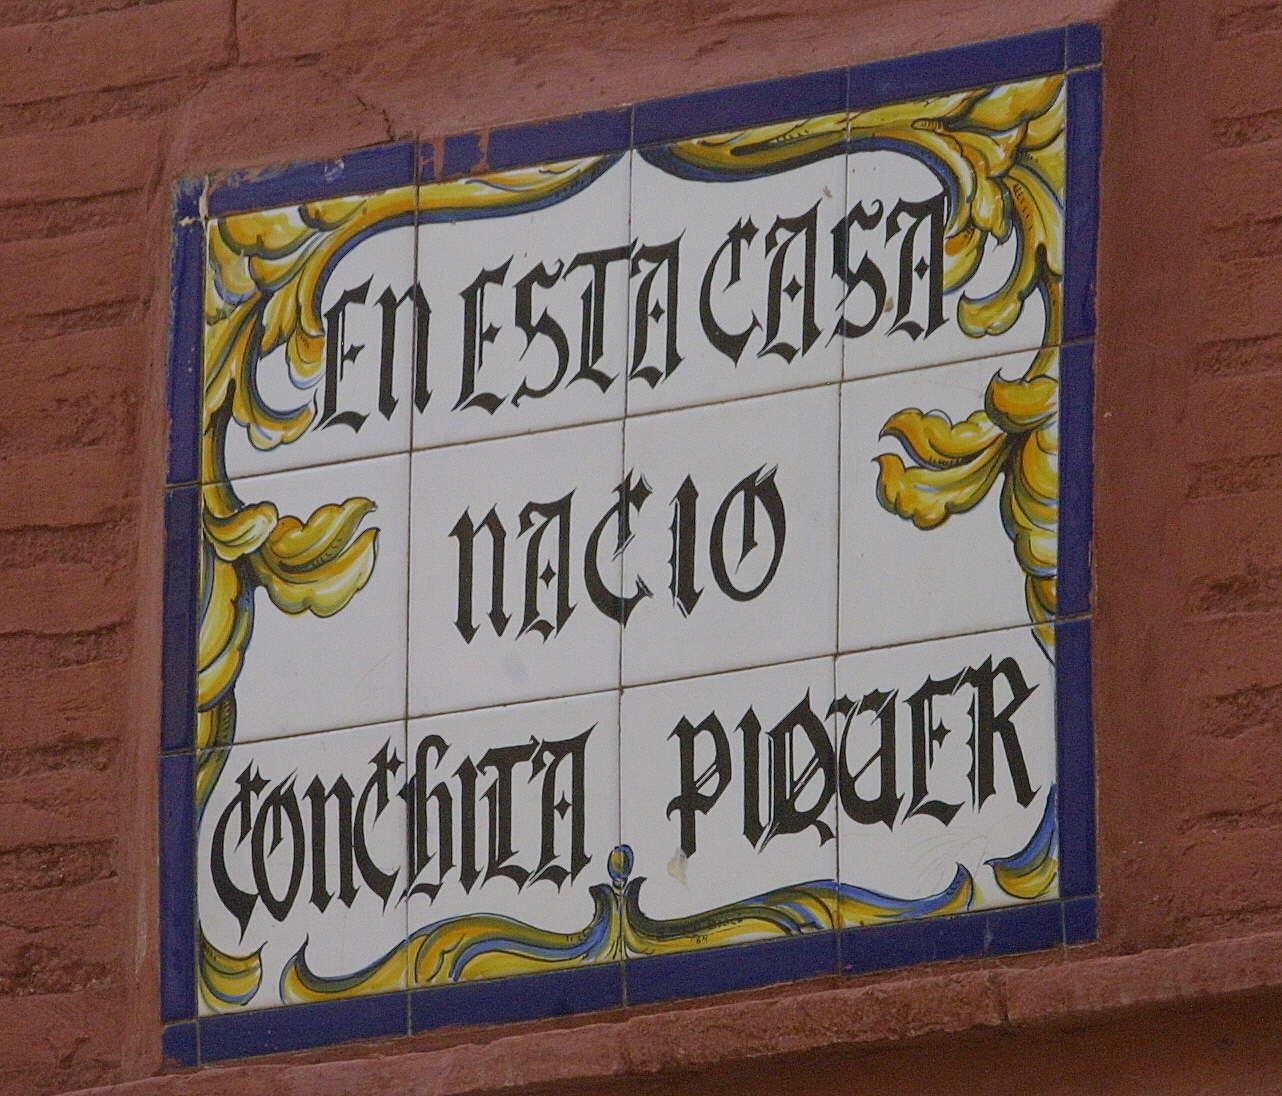 Conchita Piquer27.jpg